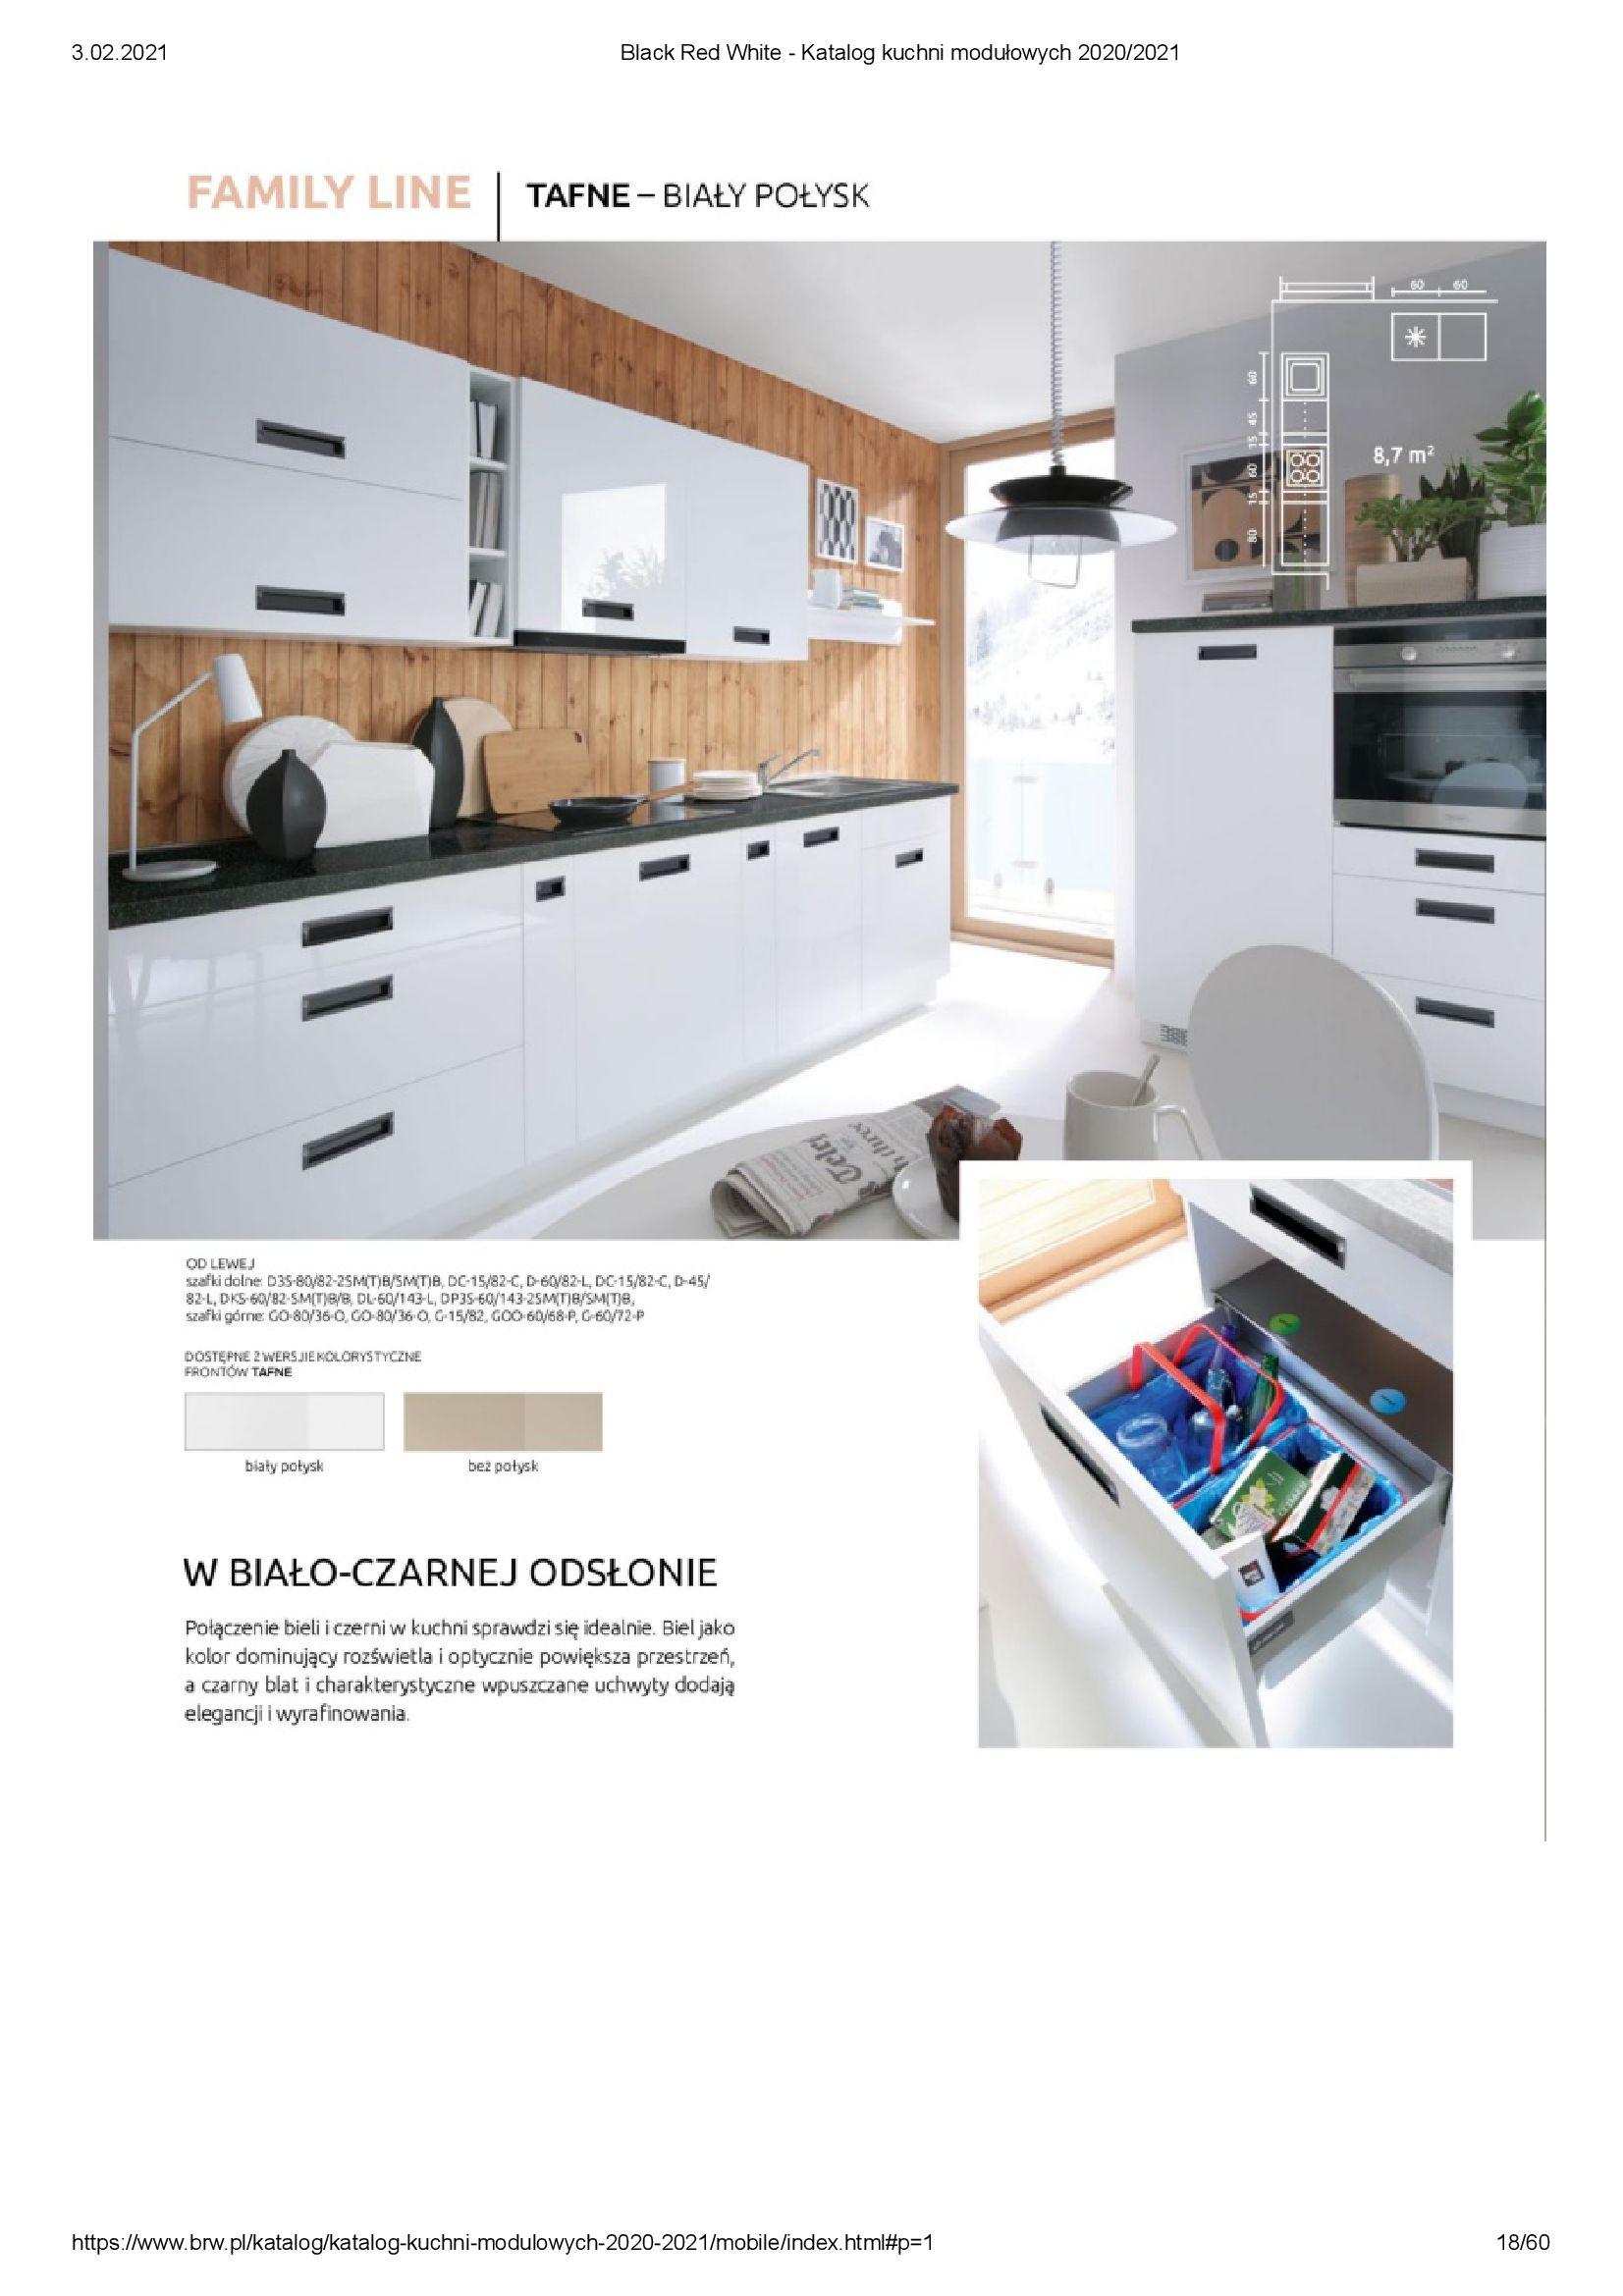 Gazetka Black Red White: Katalog - Kuchnie modułowe 2020/2021 2021-01-01 page-18